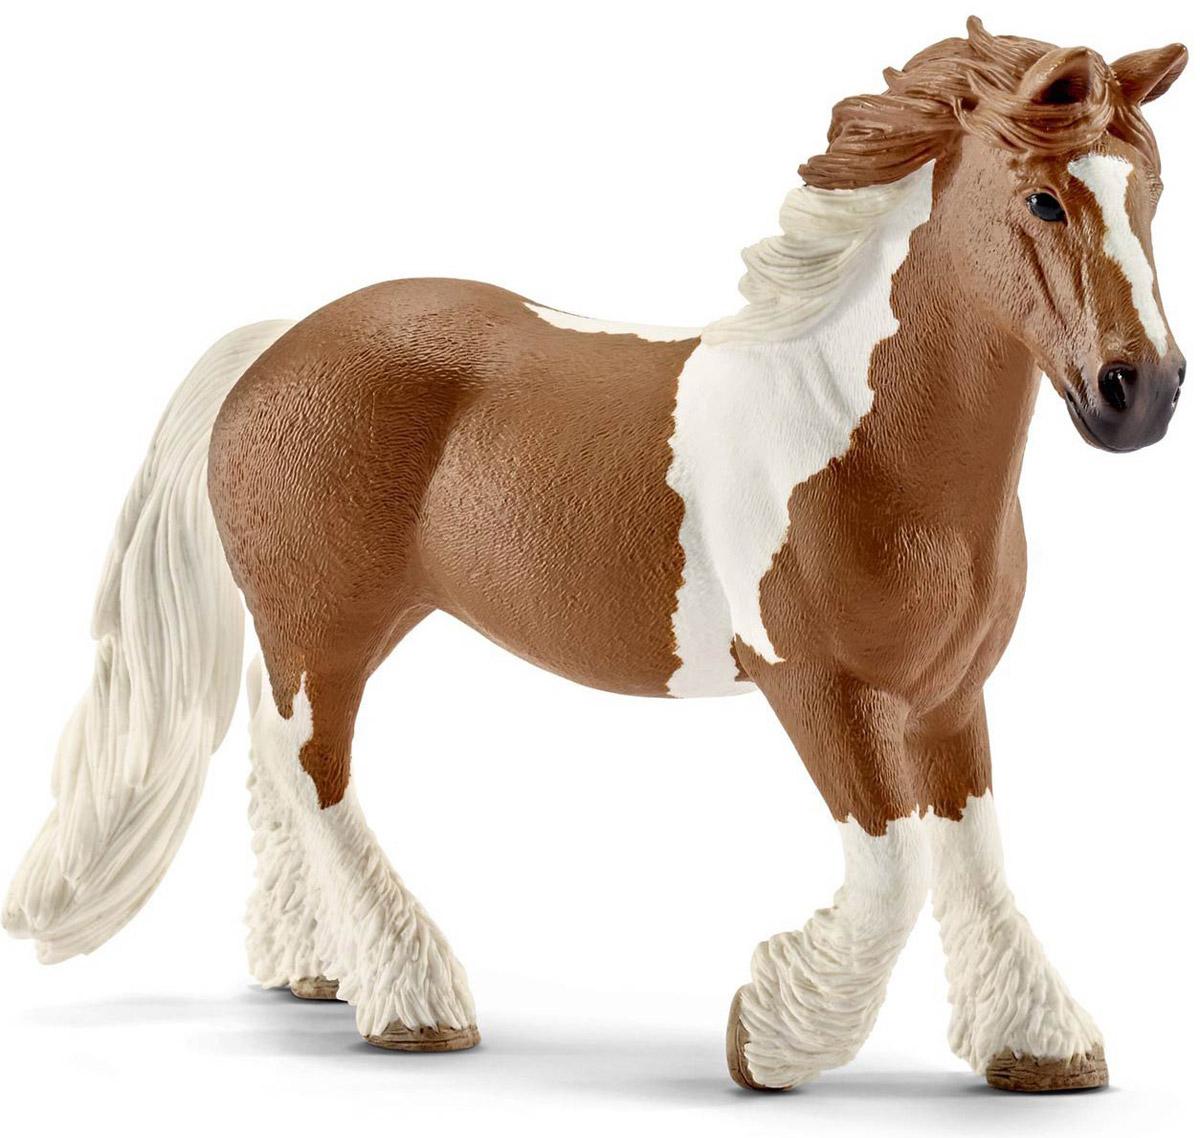 Schleich Фигурка Кобыла Тинкер13773Яркая красивая фигурка лошадки породы Тинкер обязательно понравится как детям, так и опытным коллекционерам. Фигурка выполнена в бело-коричневом цвете и очень реалистична. Эта порода лошадей была выведена в Великобритании и Ирландии. Лошади Тинкер имеют широкие устойчивые копыта, что позволяет им долго передвигаться на большие расстояния. Прекрасно выполненная фигурка Schleich Кобыла Тинкер отличается высочайшим качеством. Фигурка создавалась при сотрудничестве с Берлинским зоопарком, а потому, является максимально точной копией настоящего животного. Фигурка разработана с учетом исследований в области педагогики и производится как настоящее произведение для маленьких детских ручек.